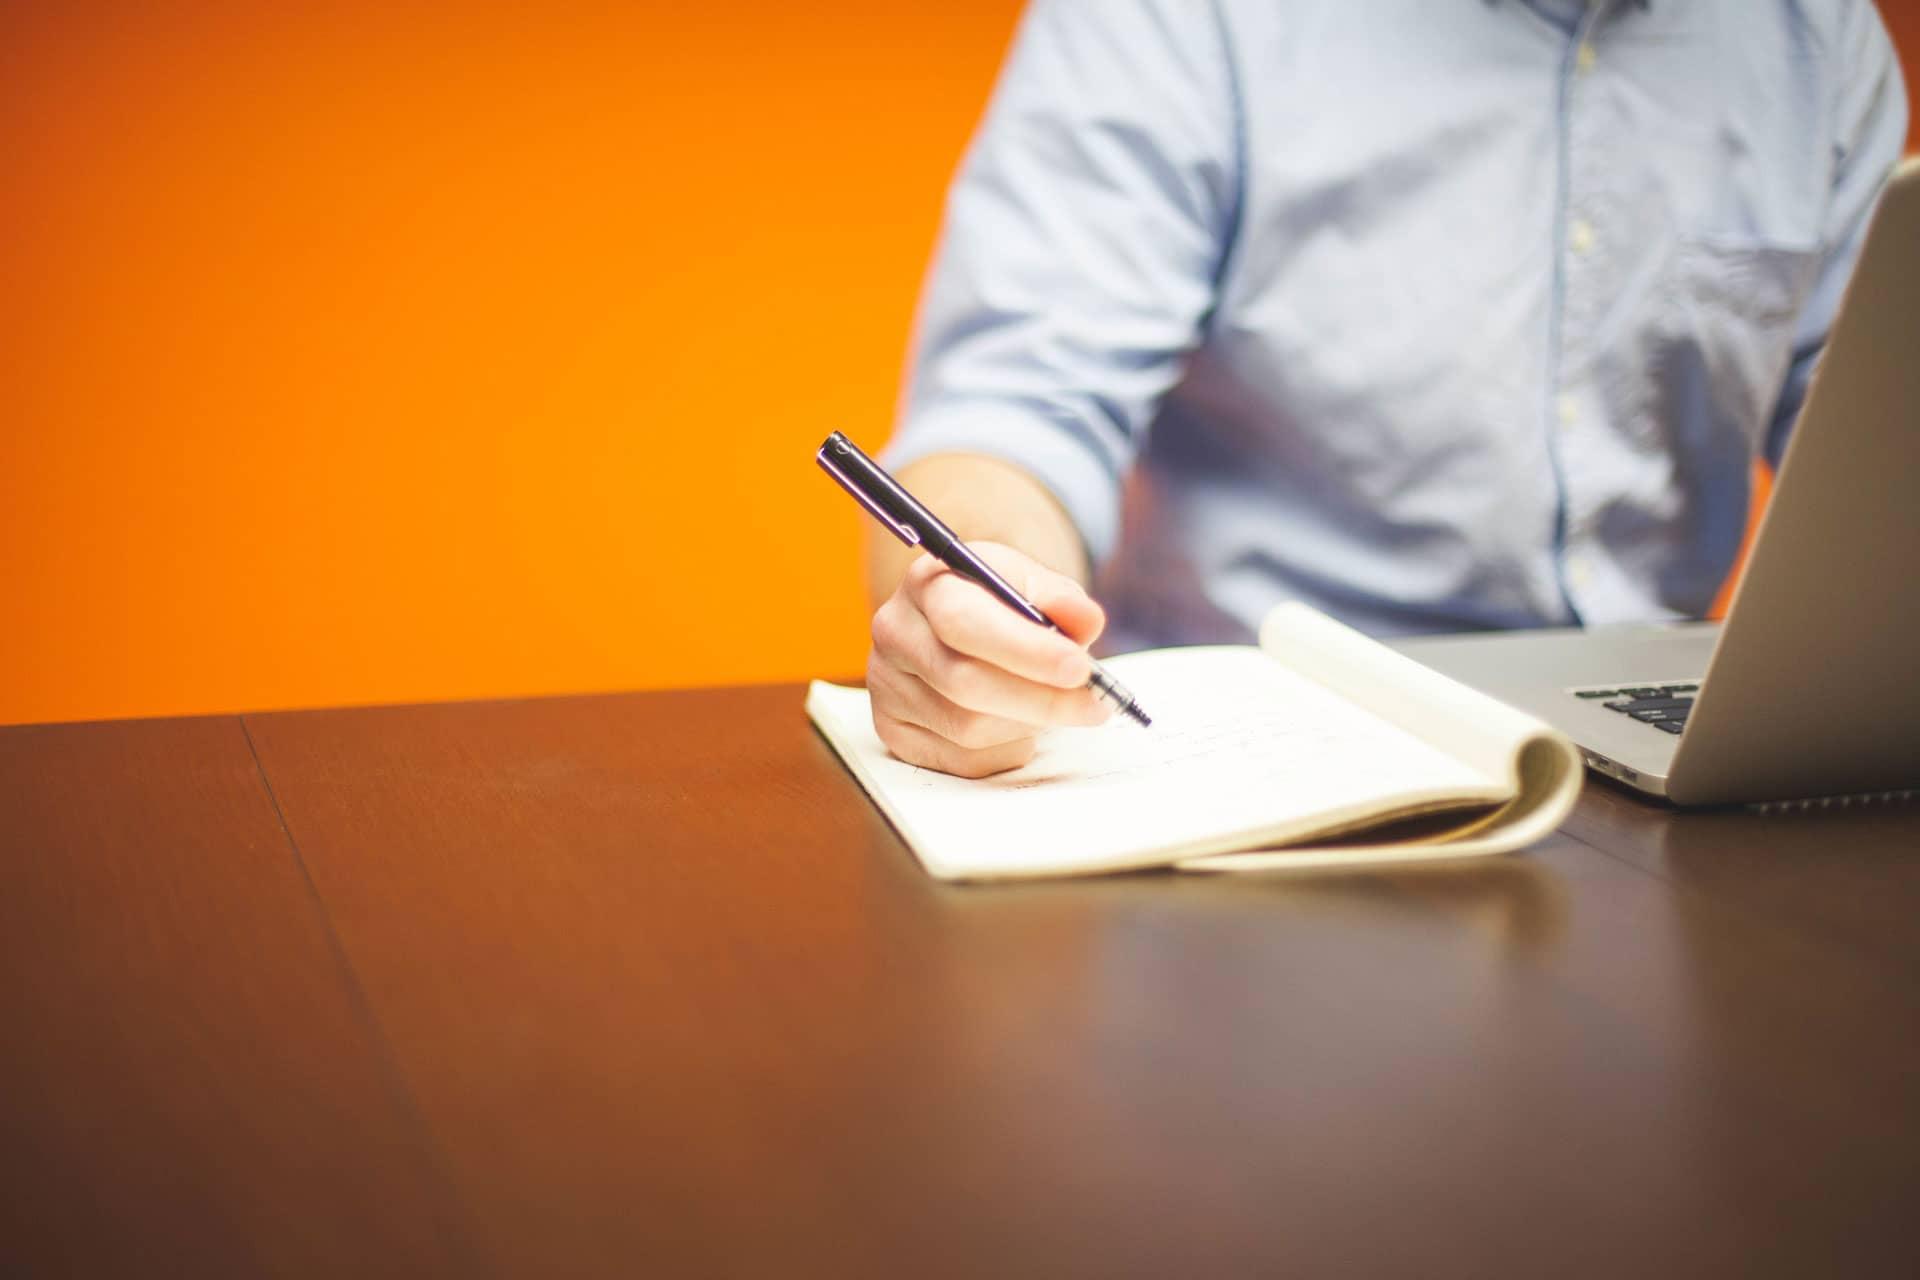 homme écrivant sur un cahier dans un bureau au mur orange